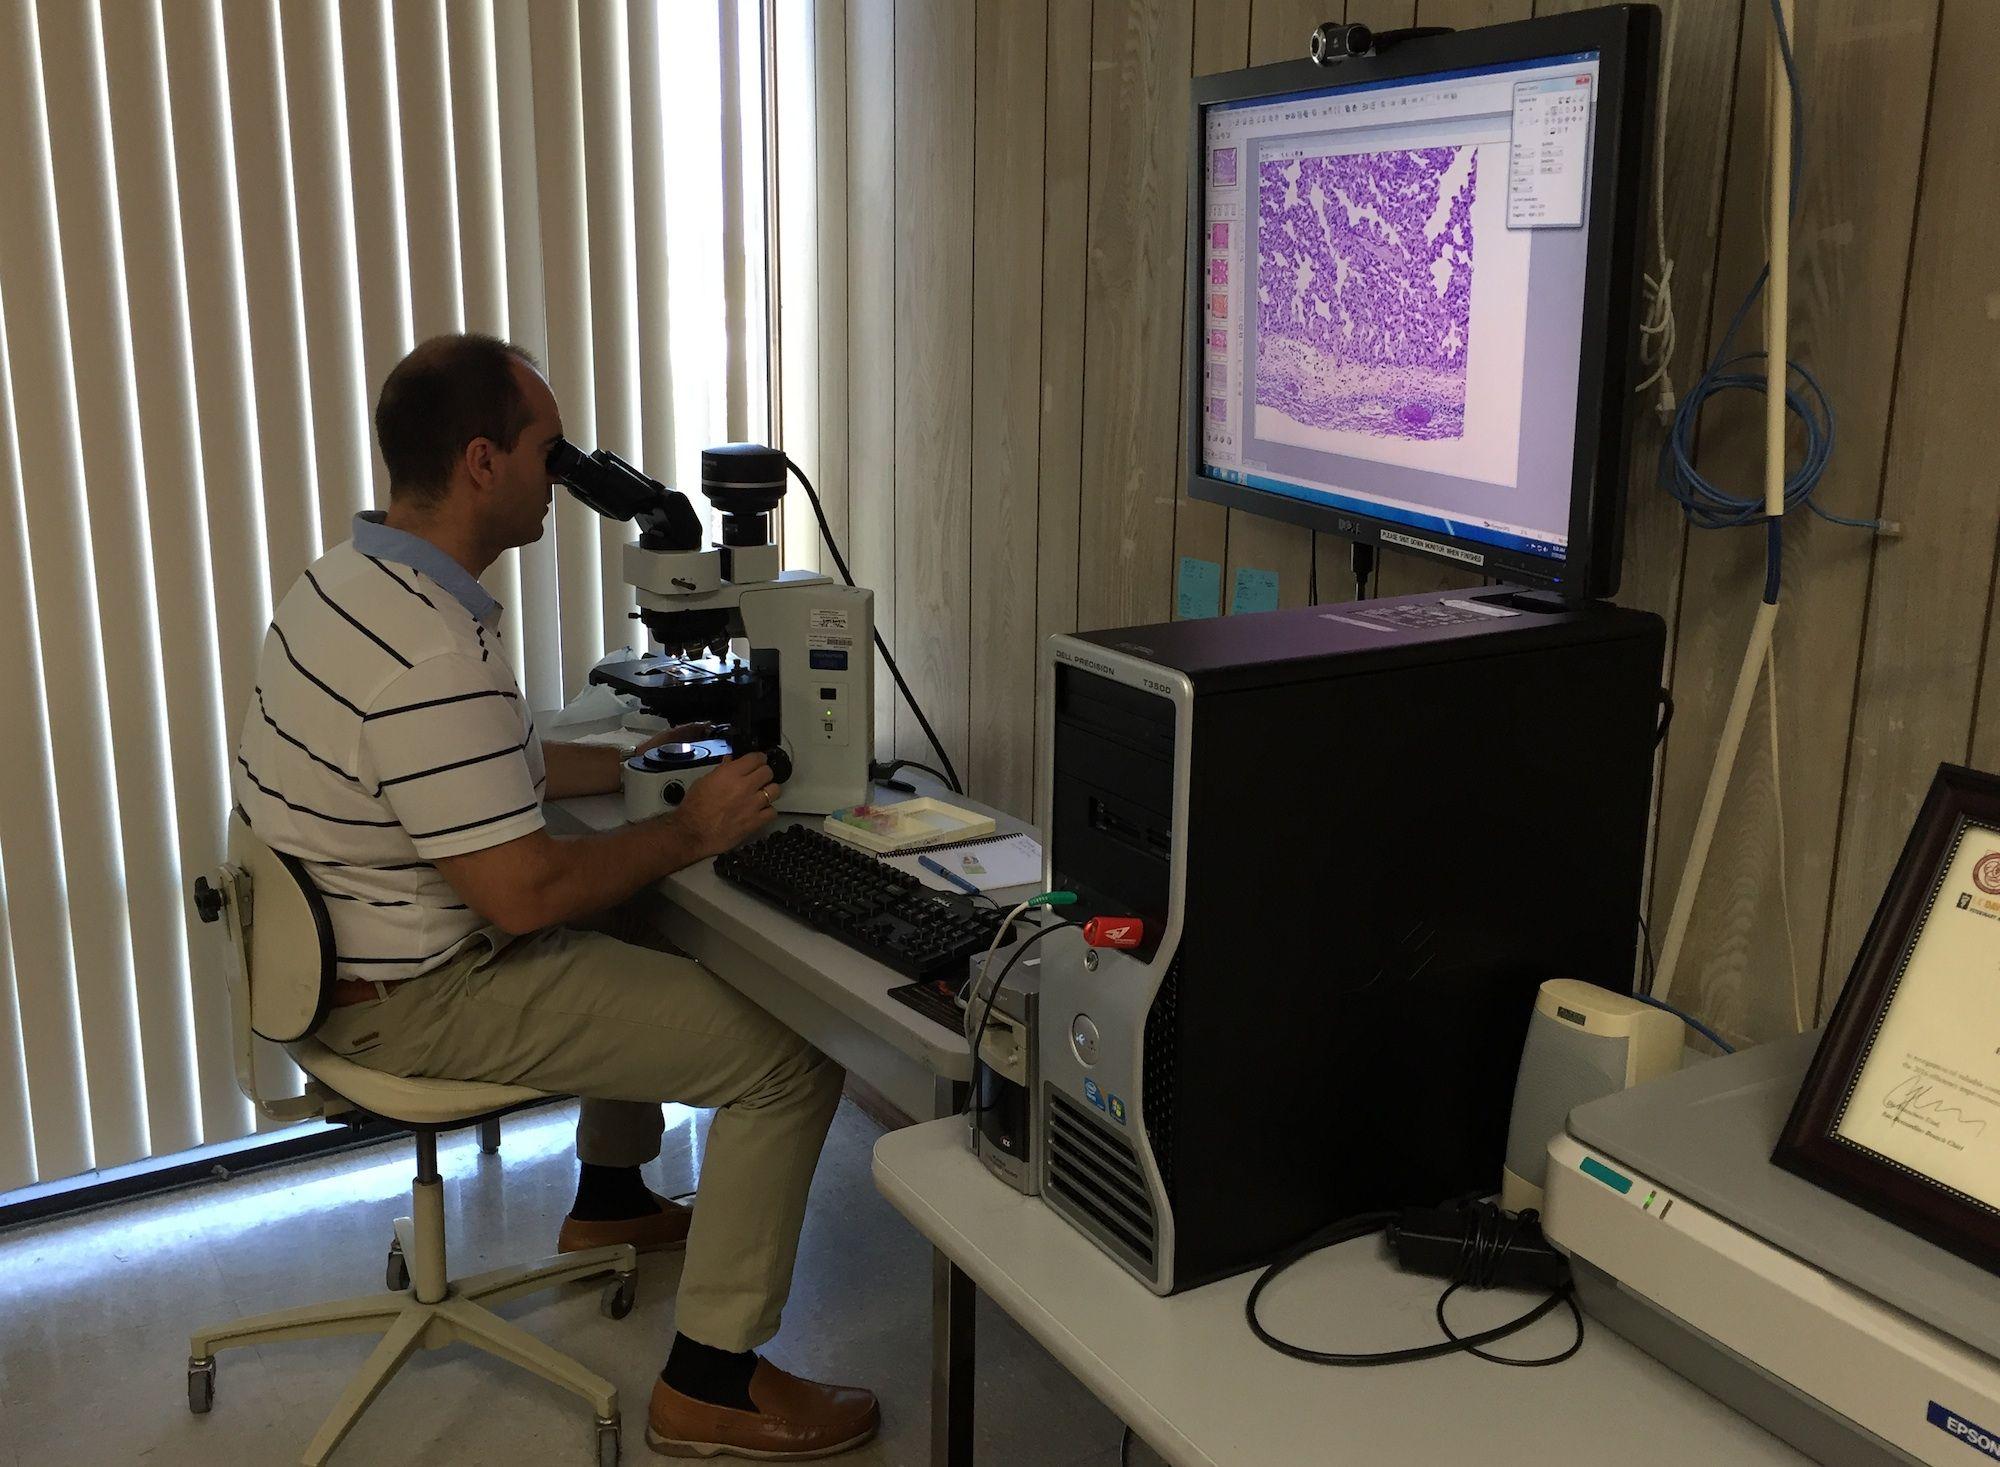 El profesor Corpa, en los laboratorios del del California Animal Health and Food Safety (CAHFS) System.